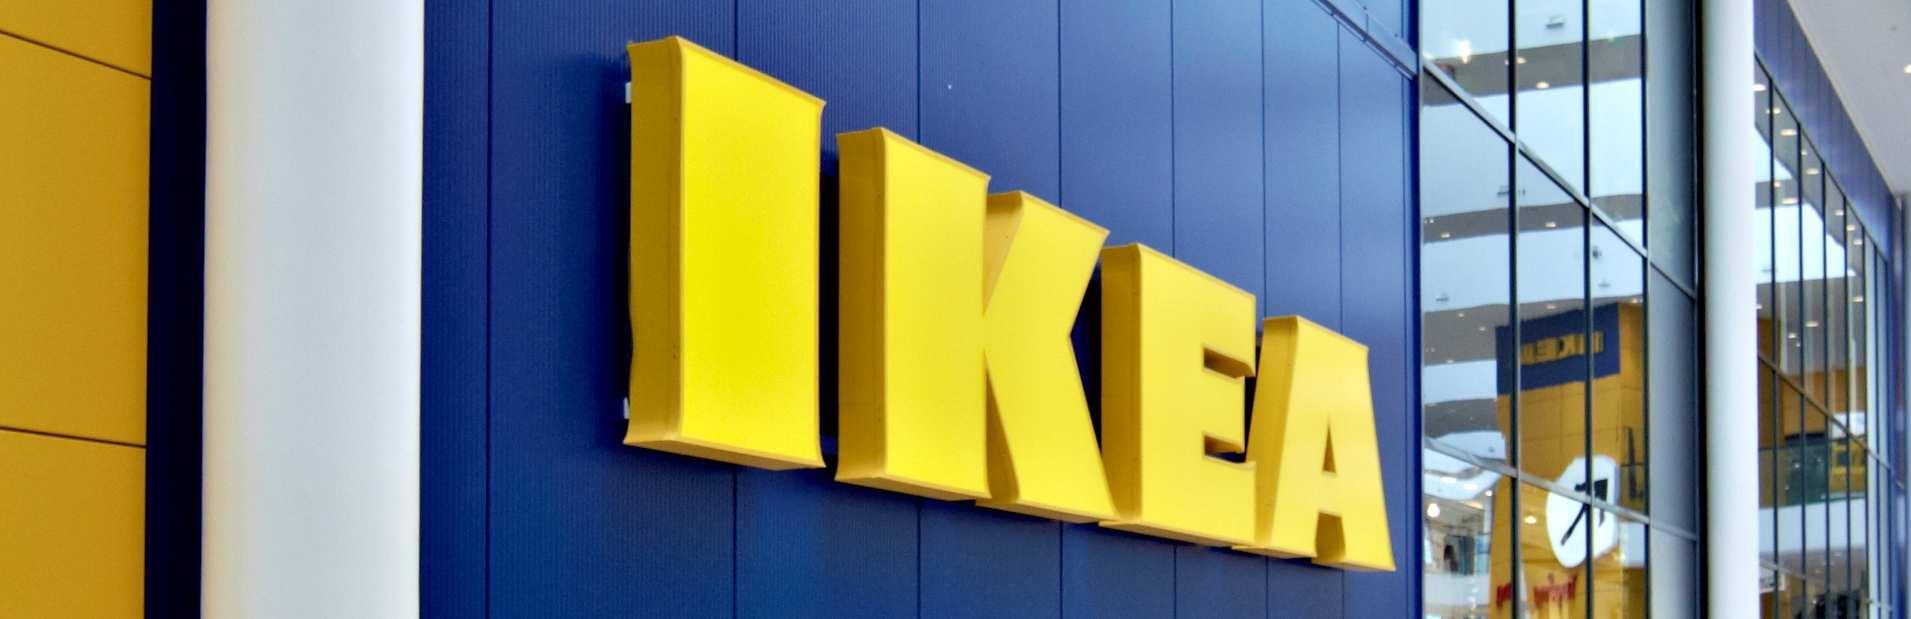 Ikea porta la primavera nella casa degli italiani rete news - Case ikea prefabbricate italia ...